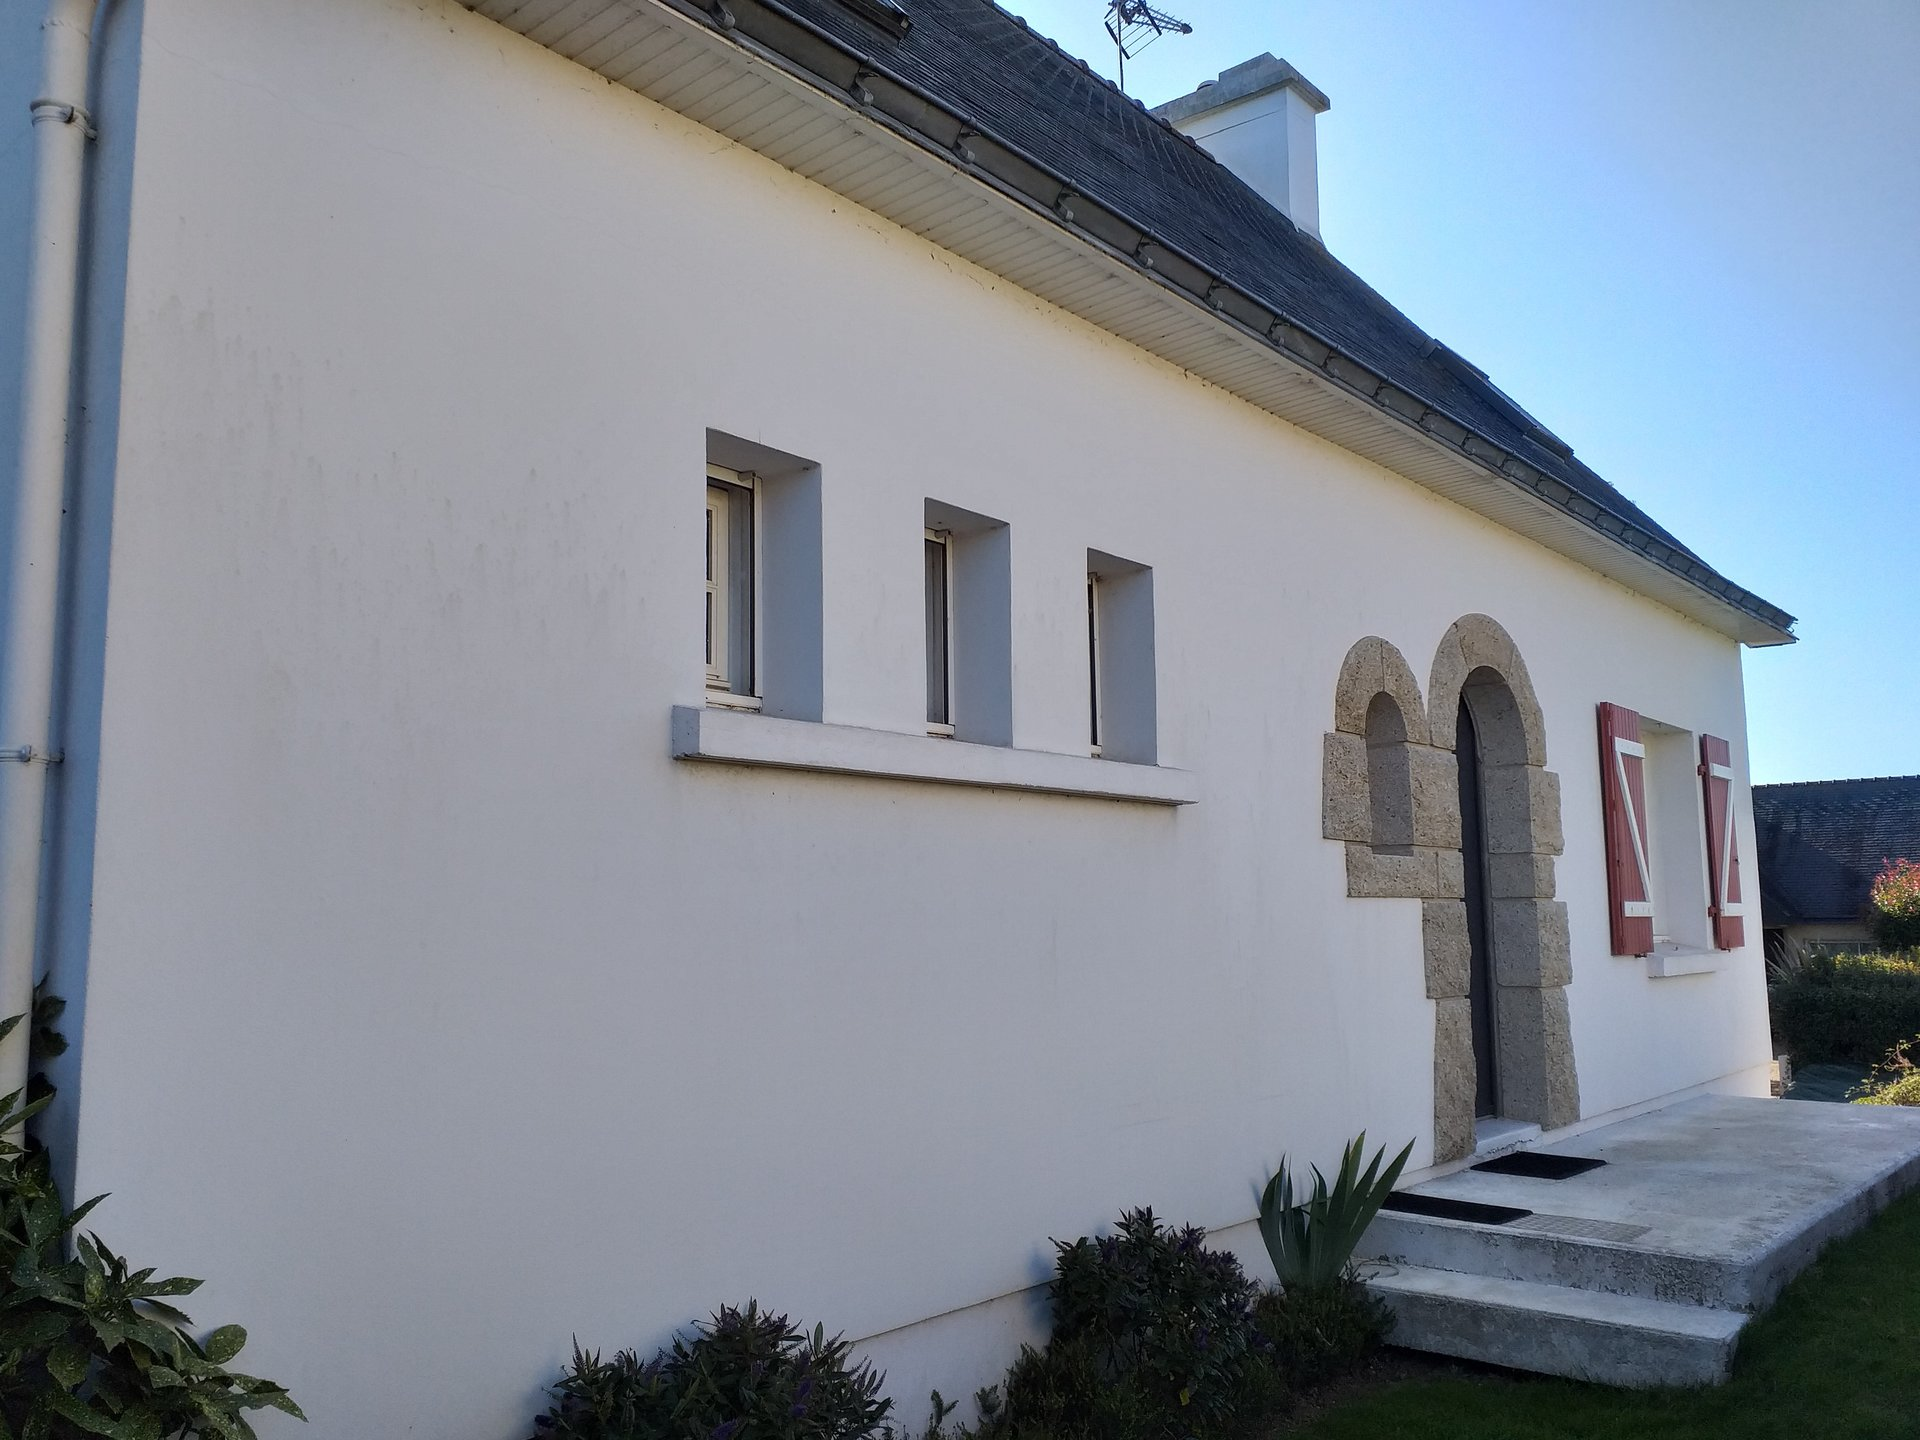 PLOUNEVEZEL 29 : Maison Traditionnelle